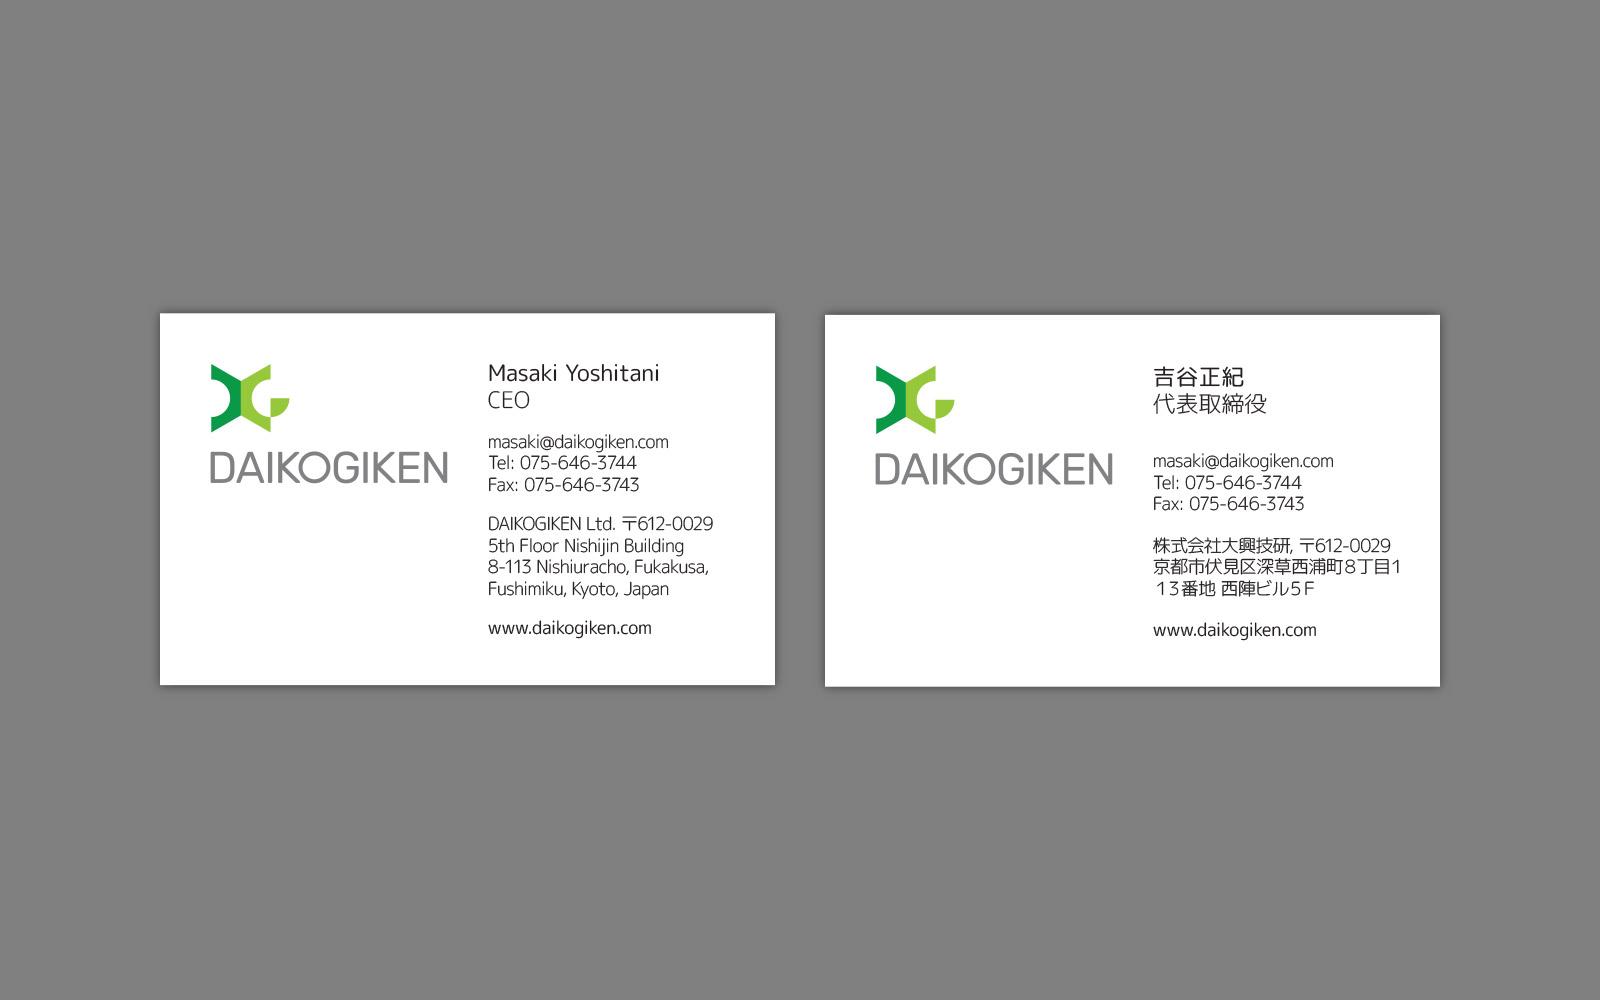 daikogiken business card design